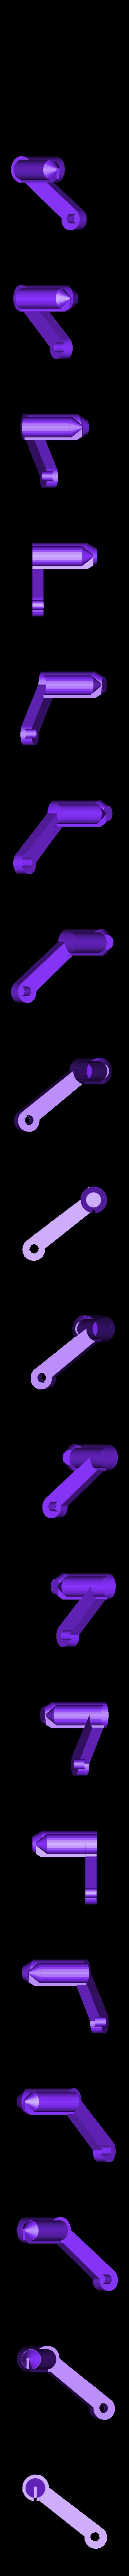 ArmBackLeft.stl Télécharger fichier STL gratuit Châssis pliable - moteurs de 7 mm[Pas besoin de vis]. • Design imprimable en 3D, Gophy